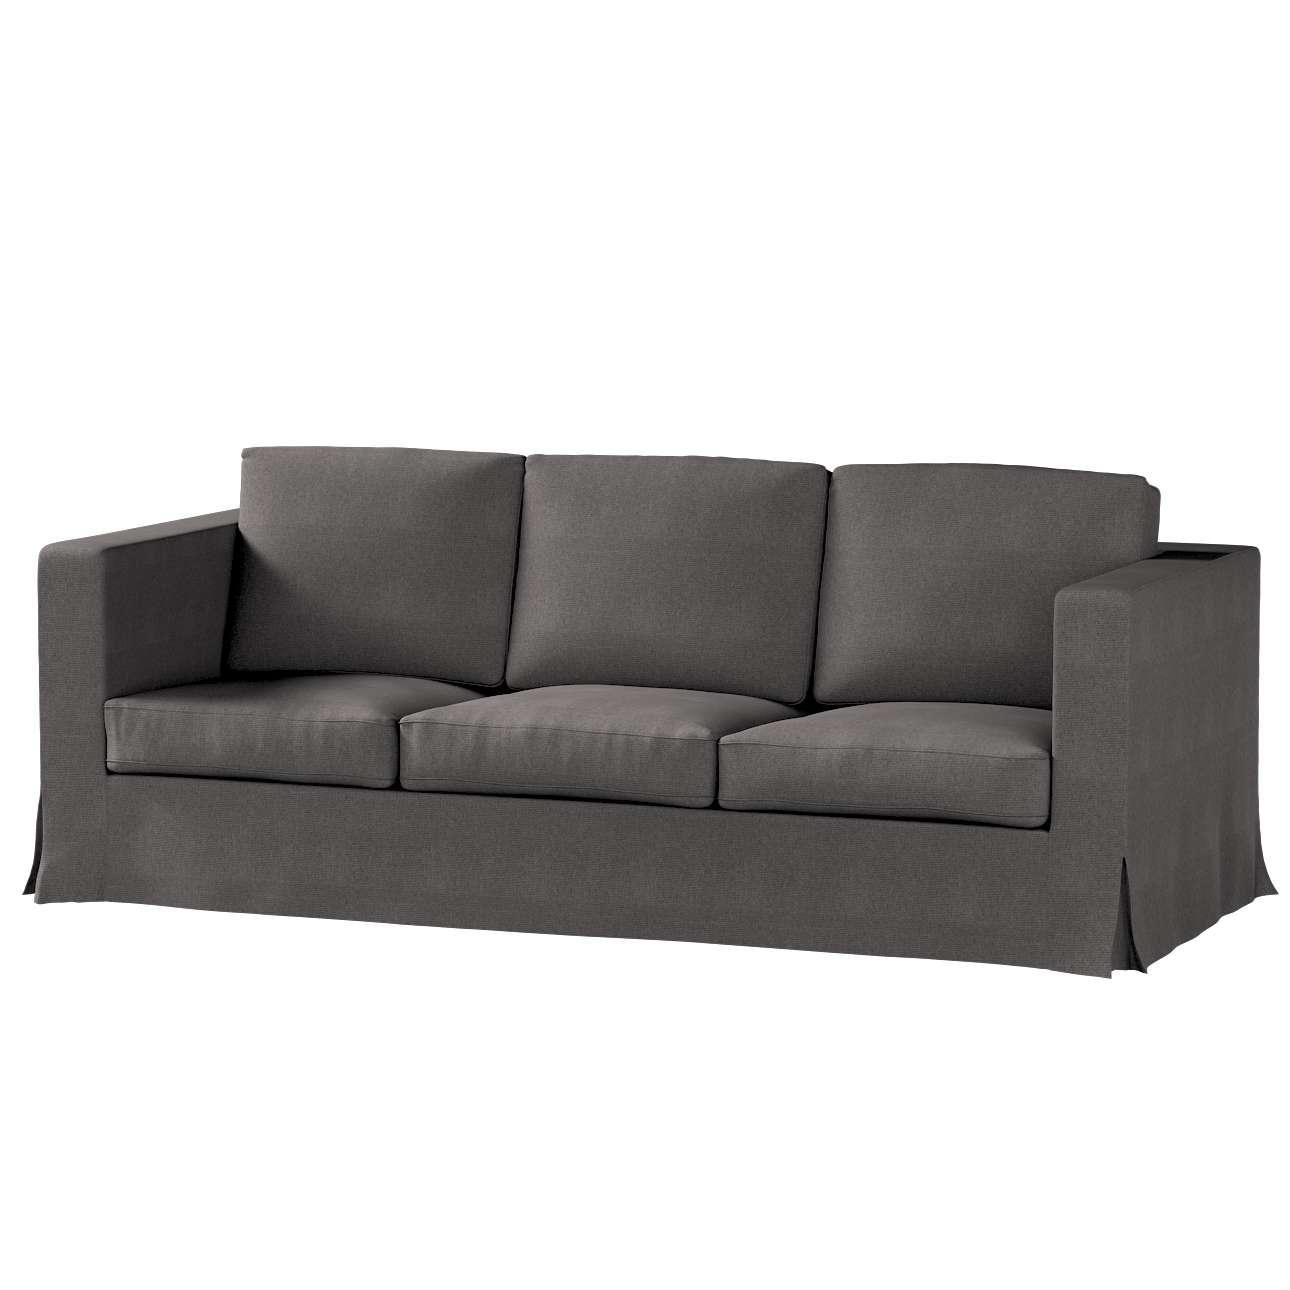 KARLANDA trivietės sofos iki žemės užvalkalas KARLANDA trivietės sofos iki žemės užvalkalas kolekcijoje Etna , audinys: 705-35